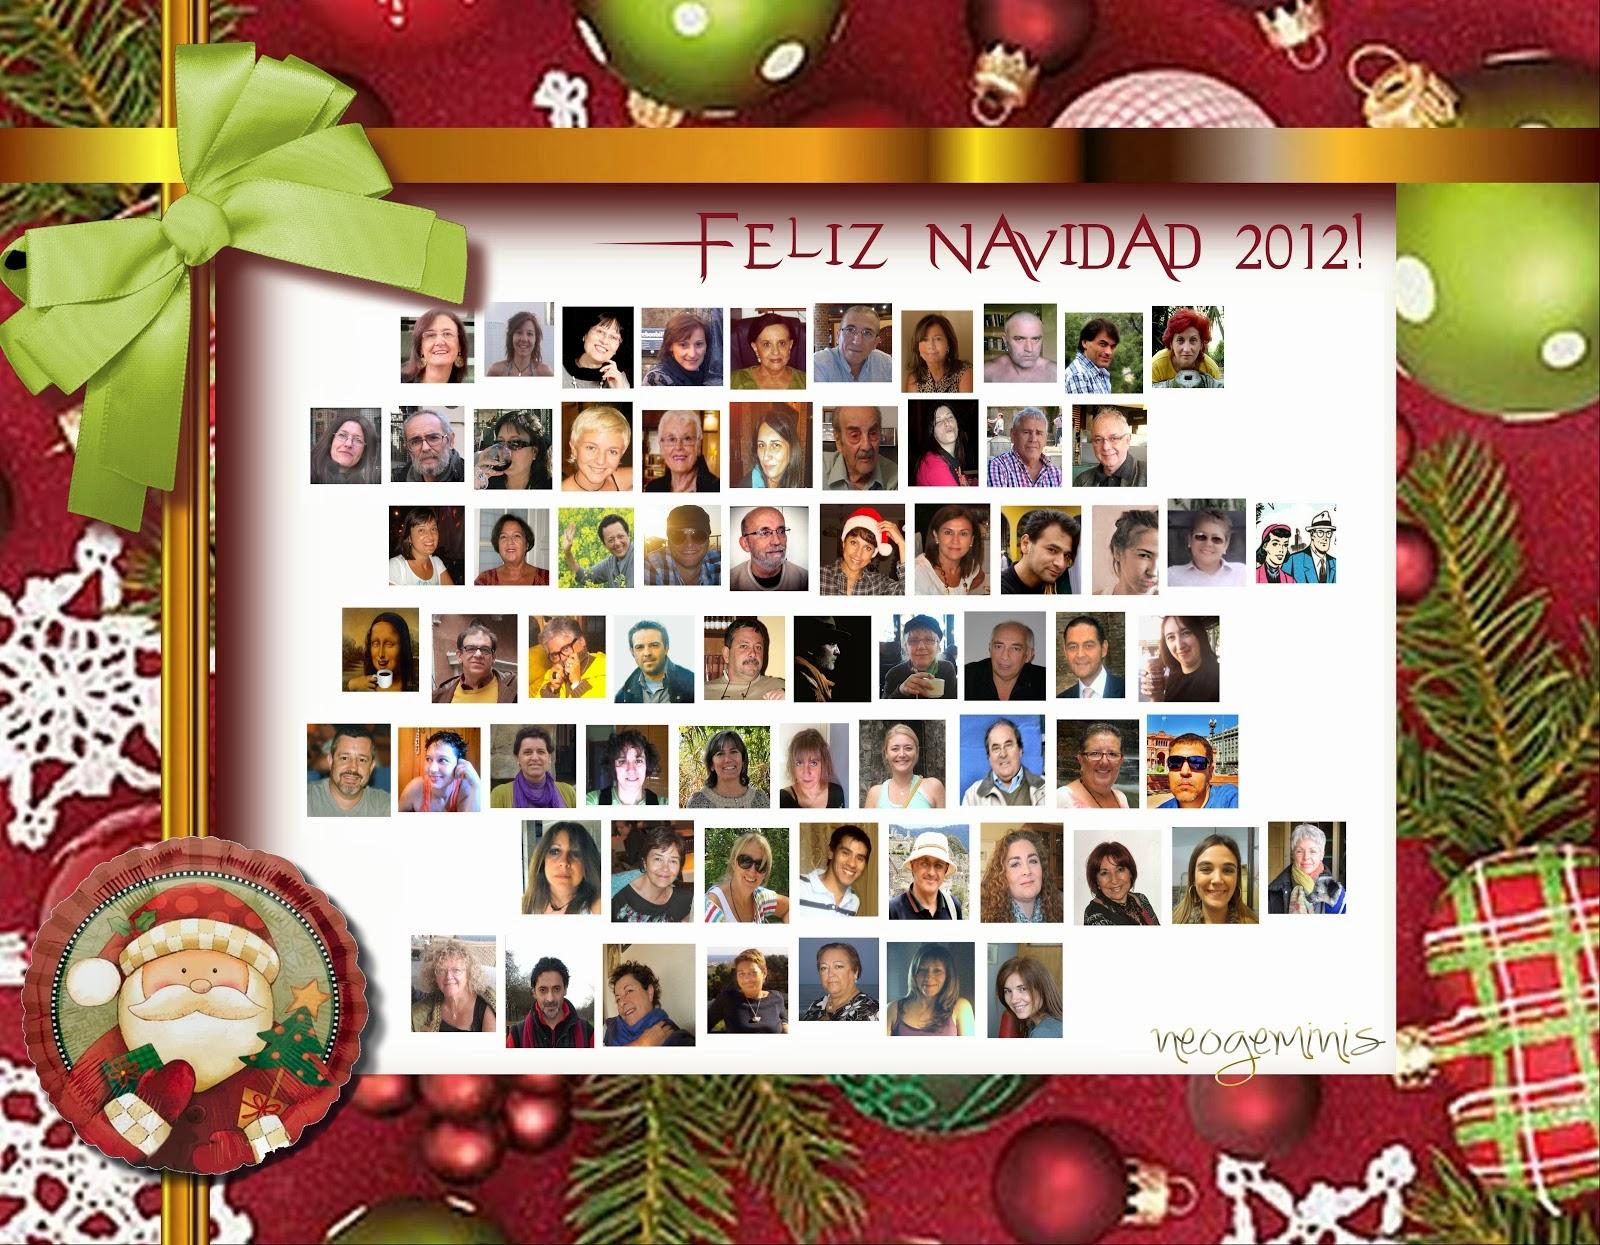 Navidad Blogger 2012